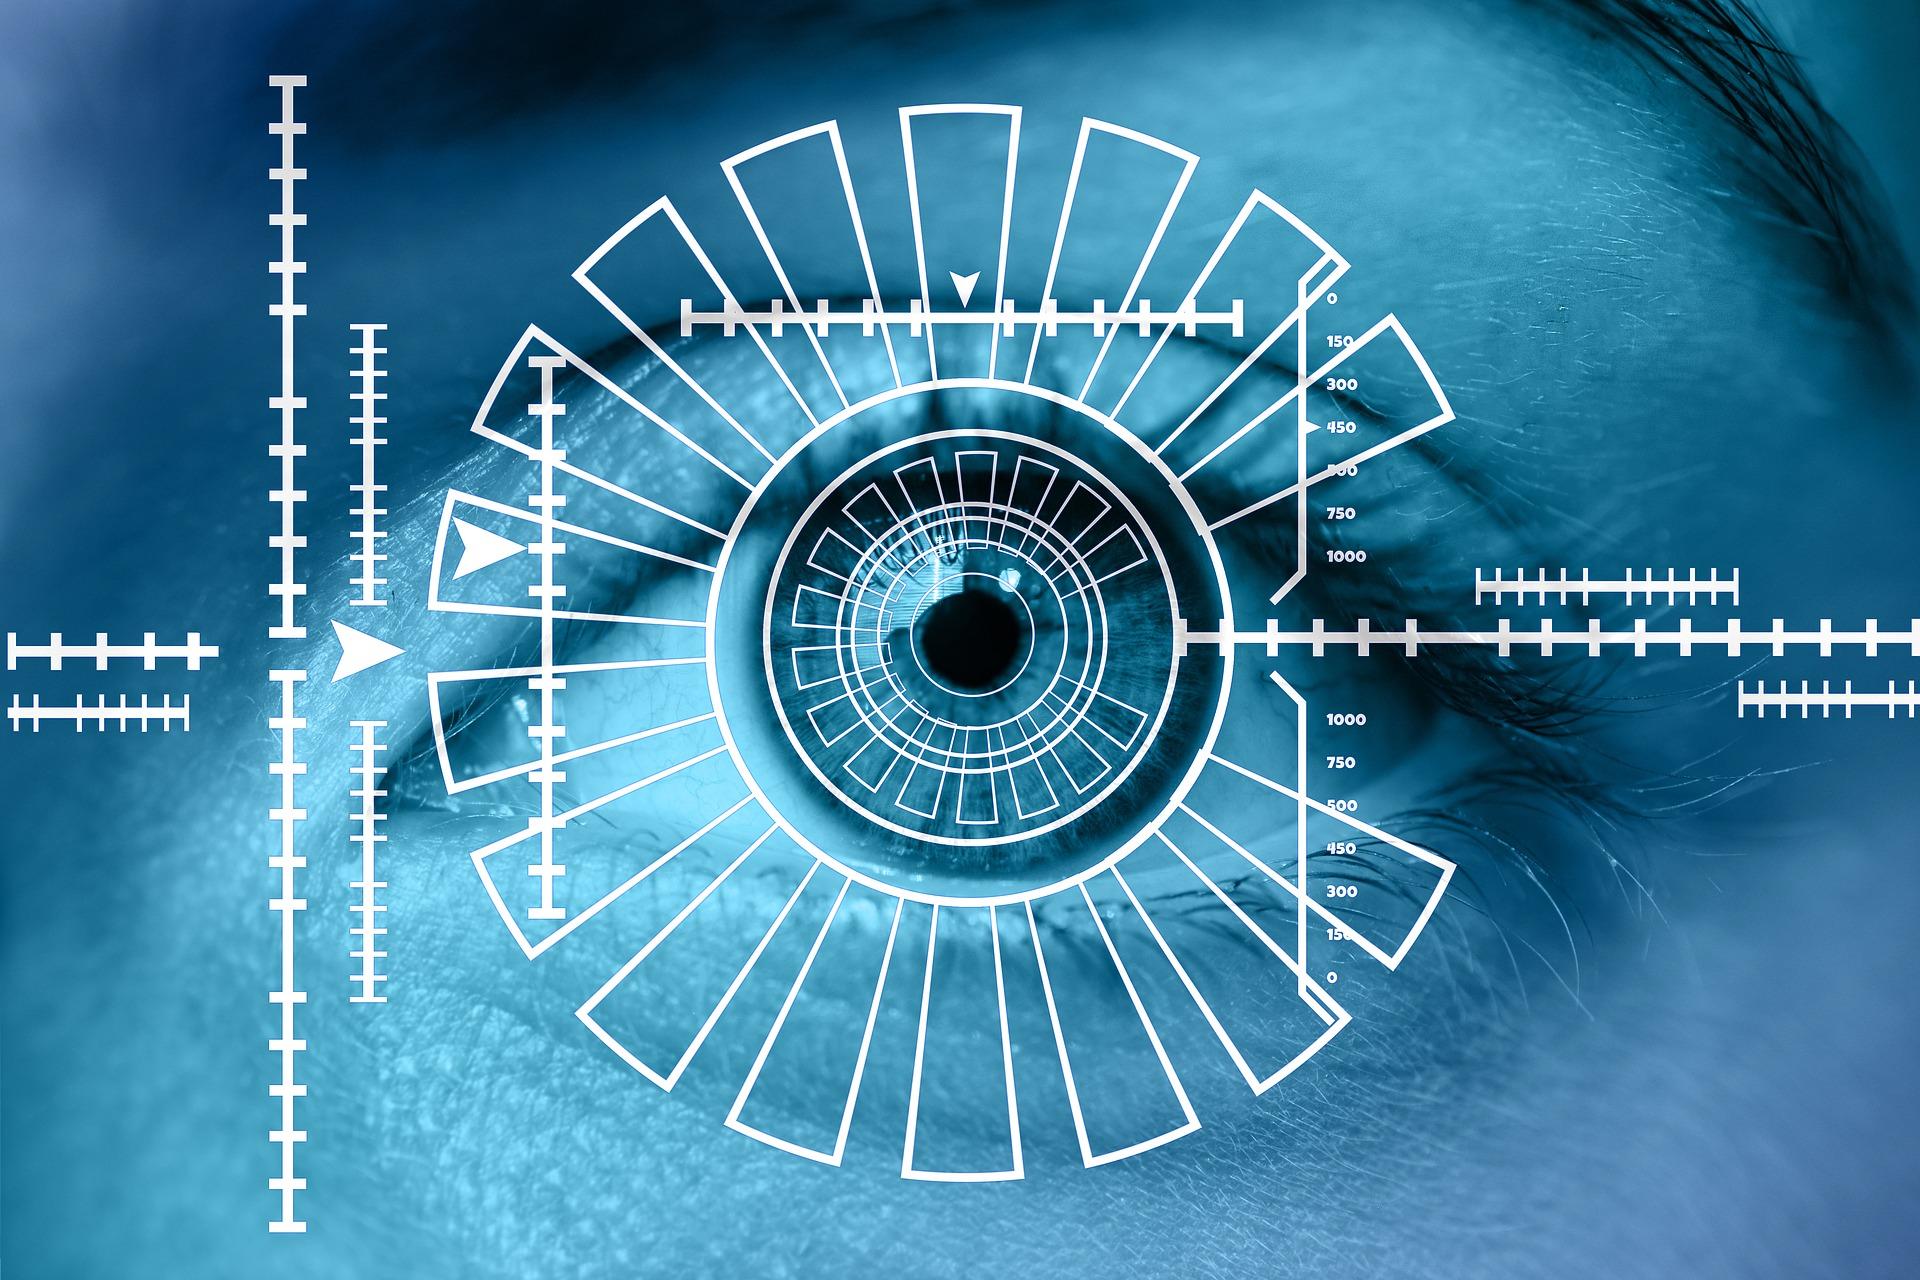 Presentato a Napoli il rapporto sulla sicurezza: servizi digitali